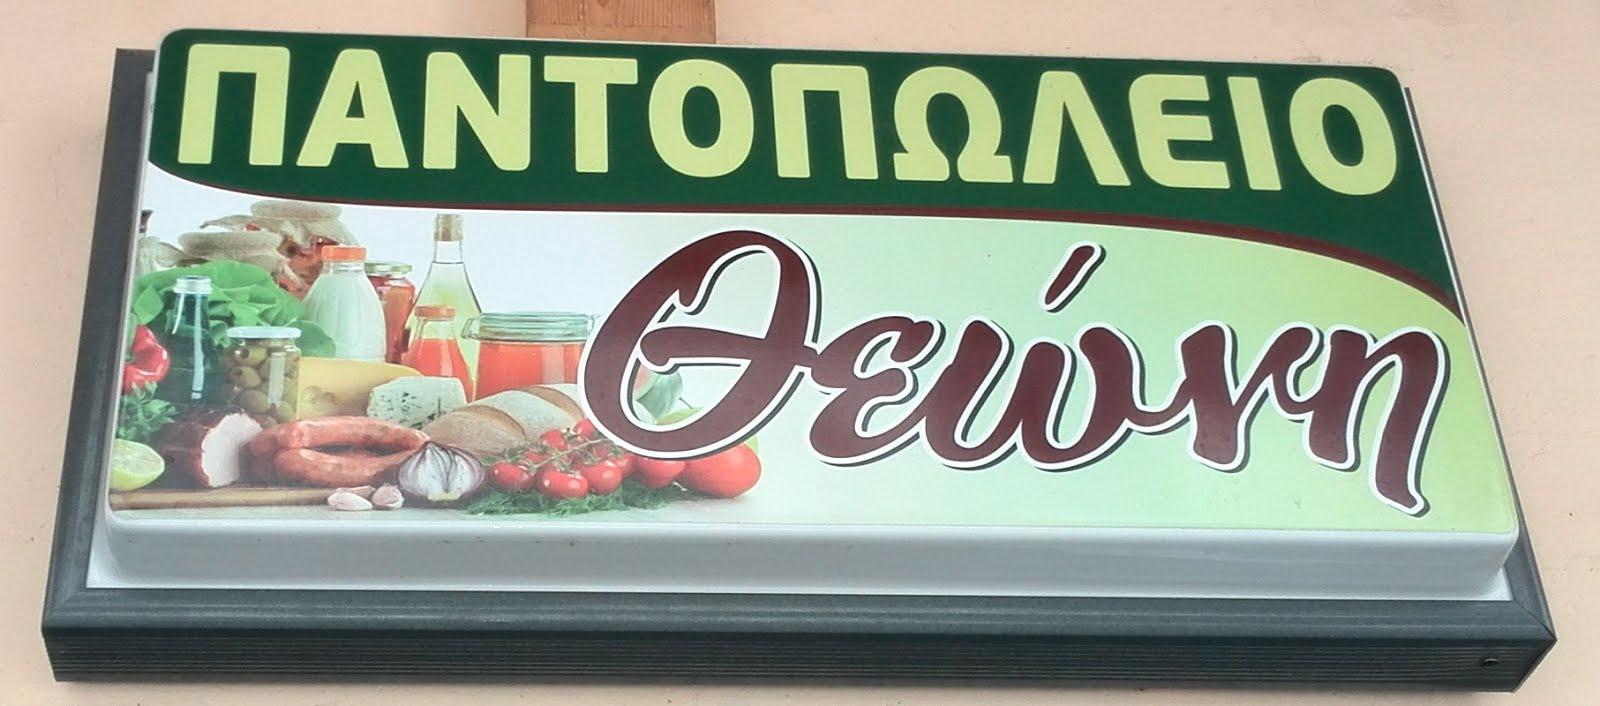 Mini market - Θεωνη